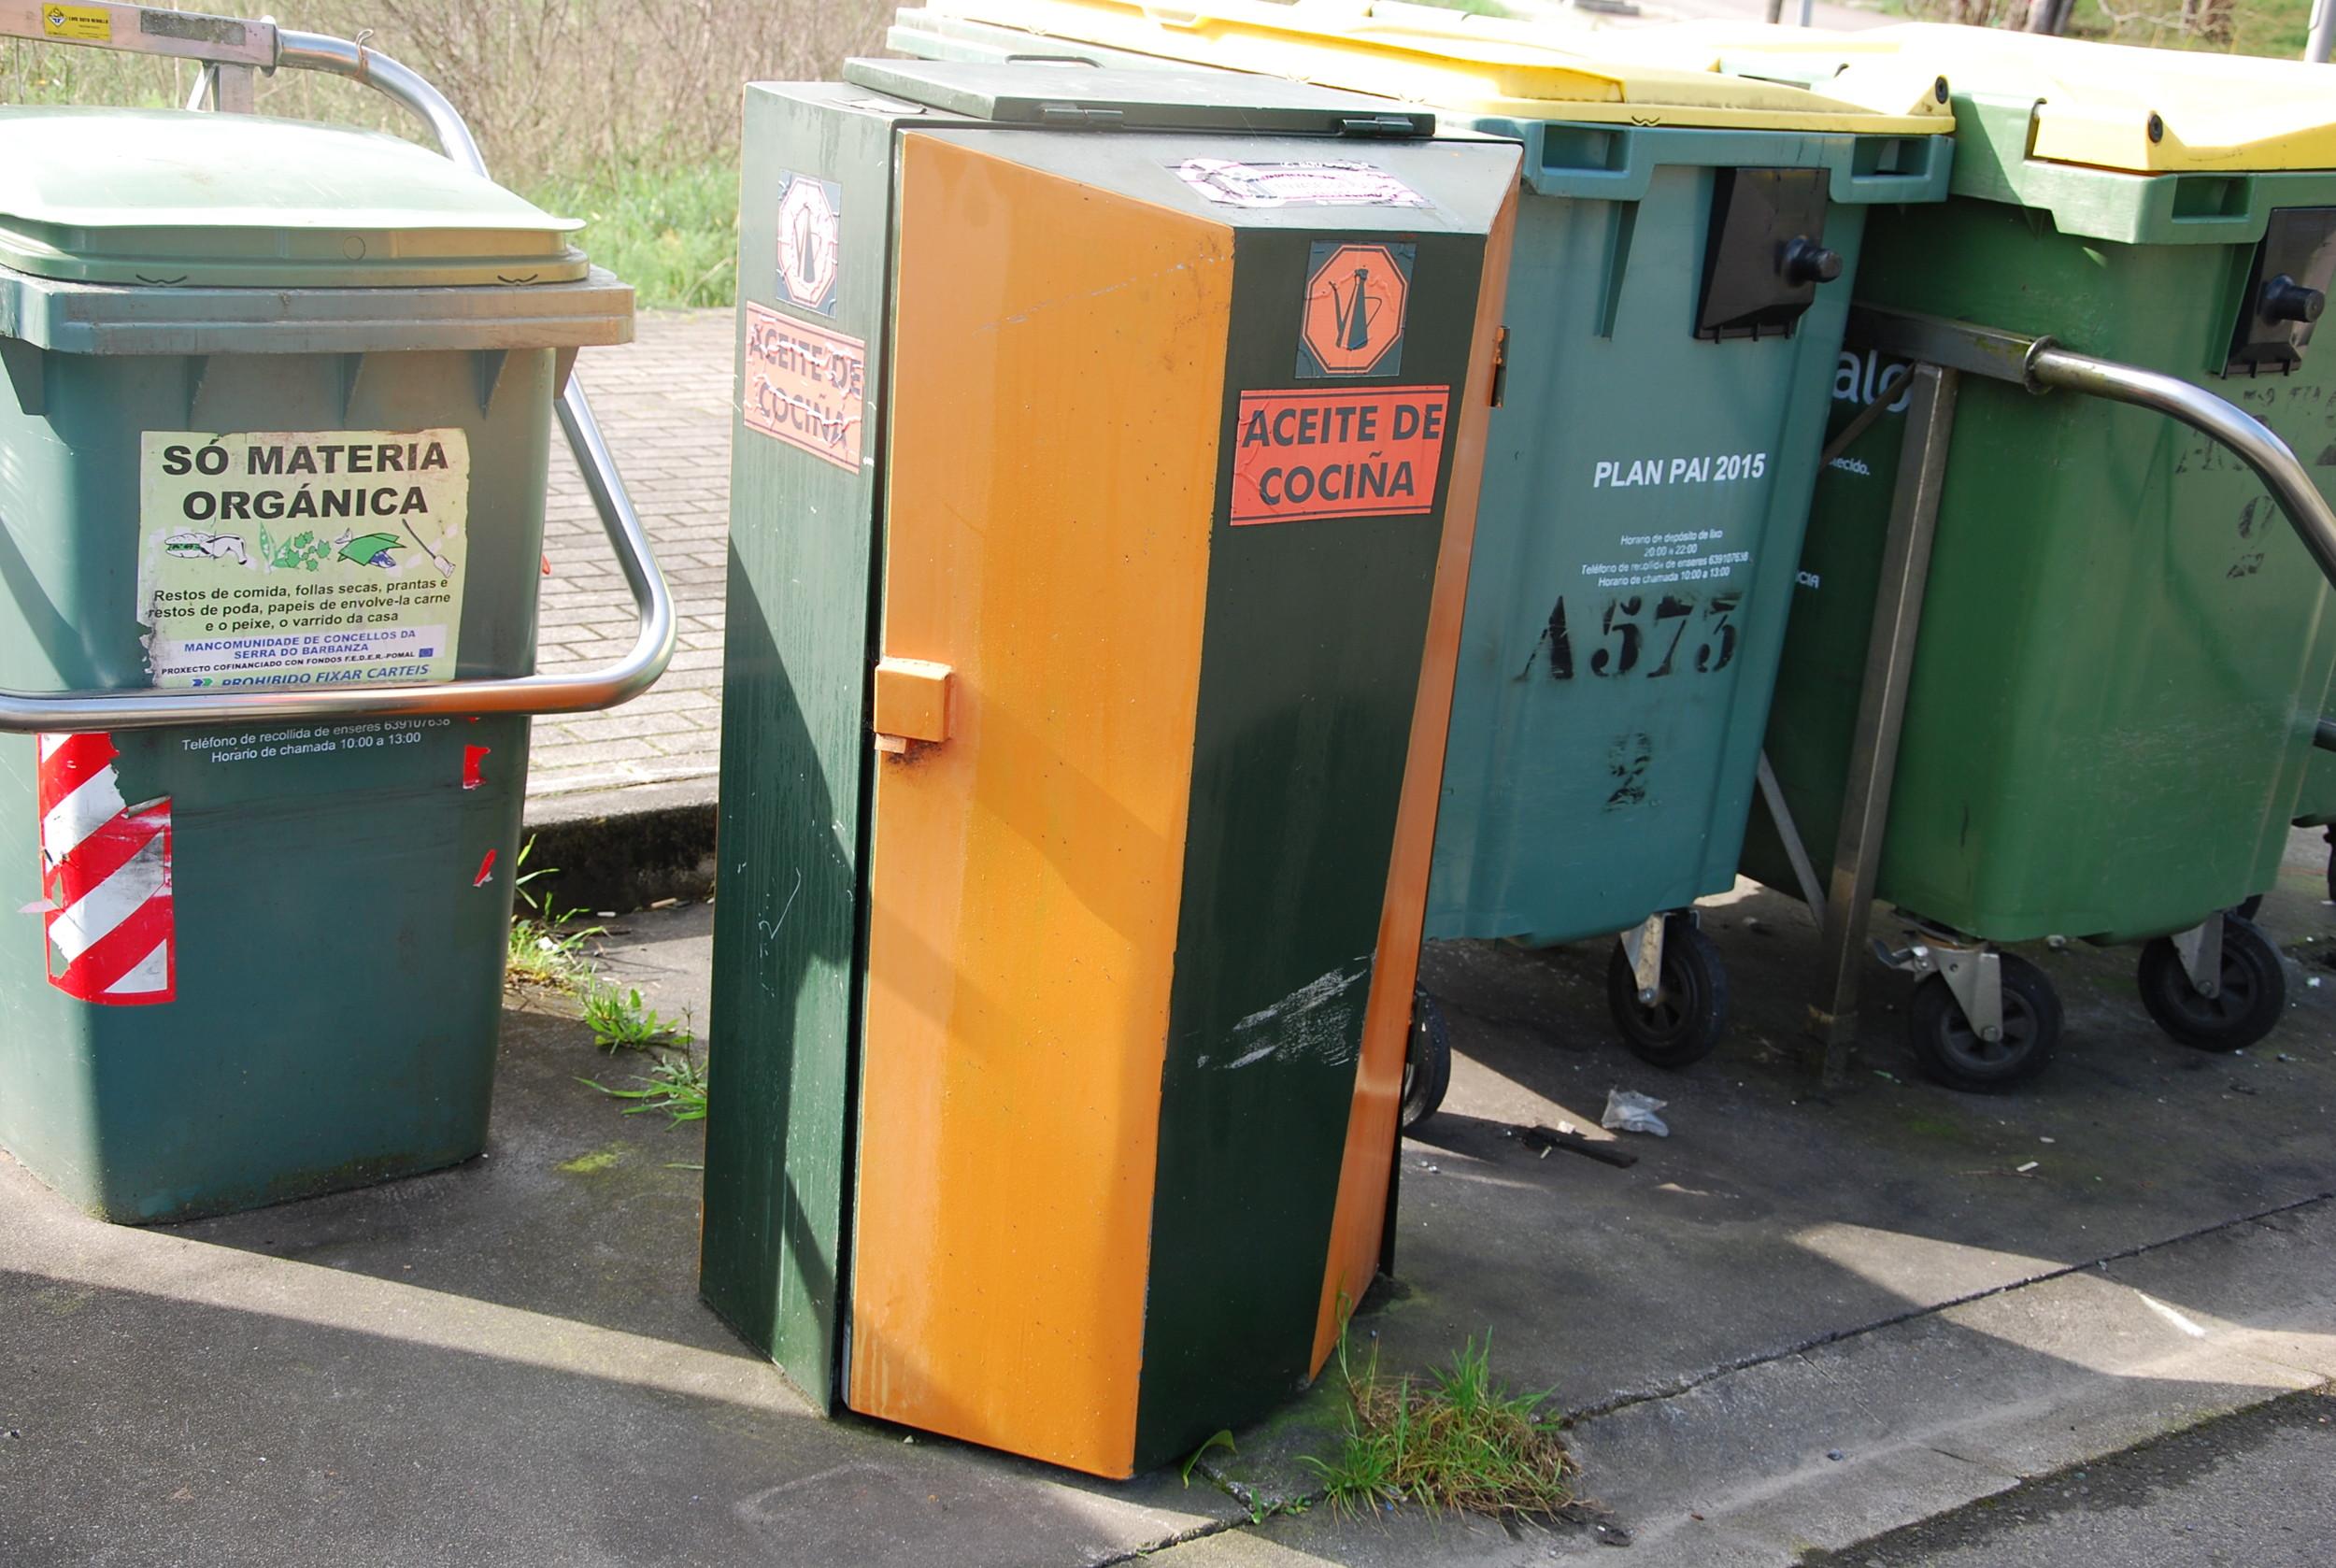 Imaxe dun colector de recollida de aceite doméstico usado